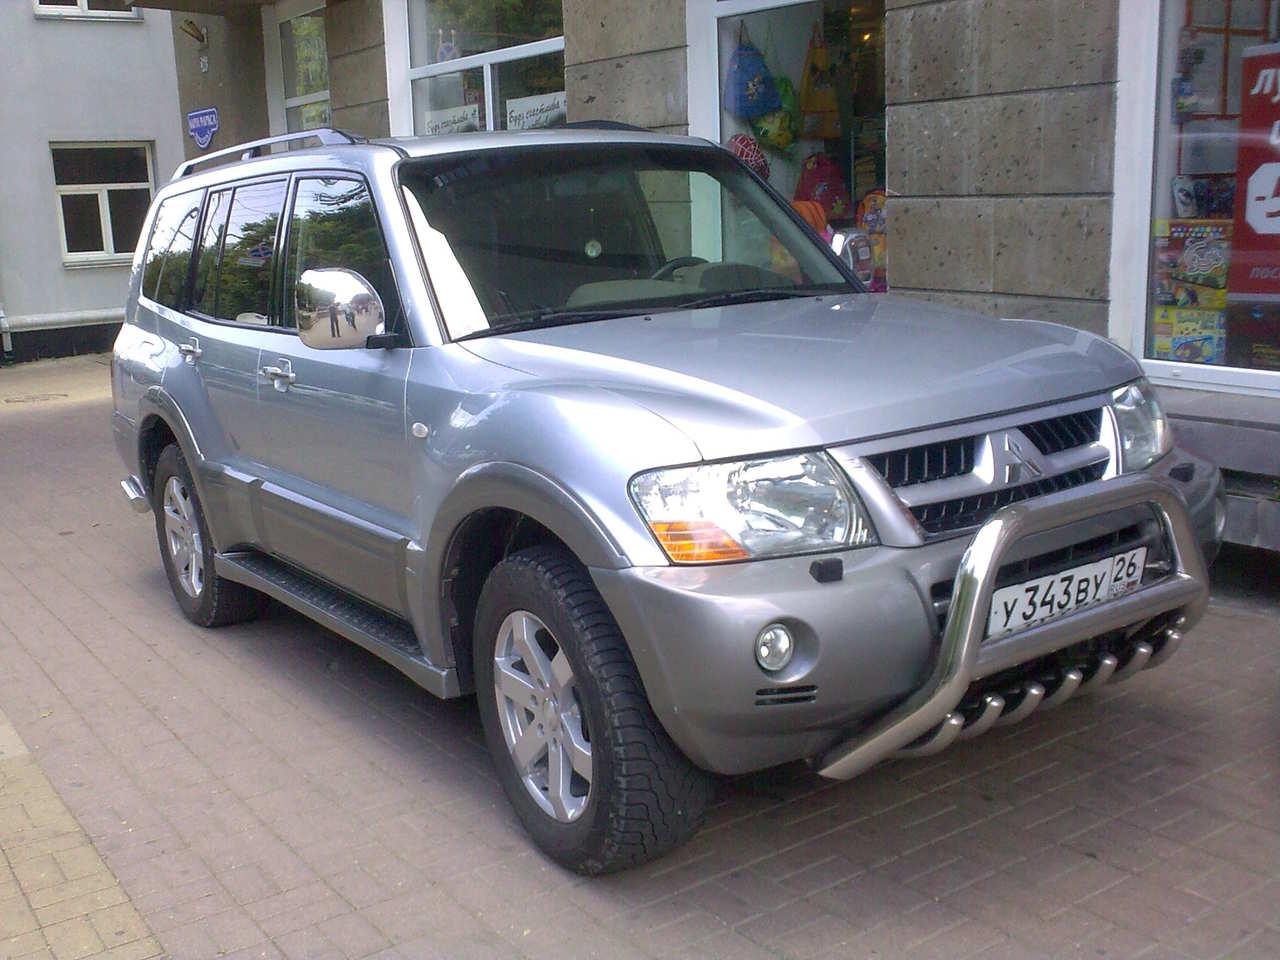 2004 Mitsubishi Pajero Pictures, 3500cc., Gasoline, Automatic For Sale